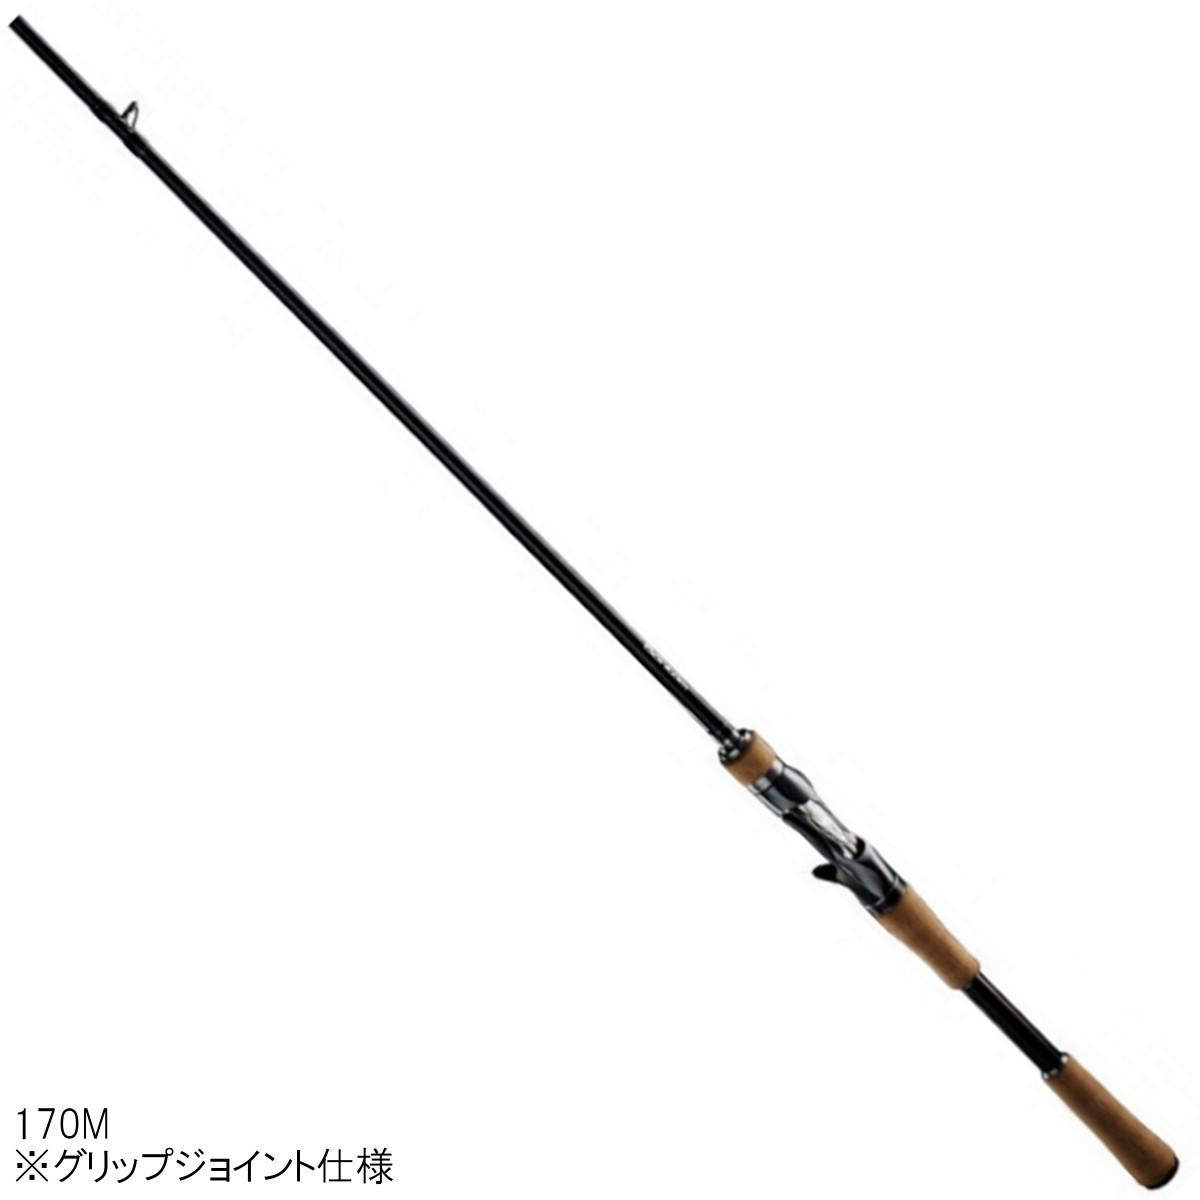 シマノ バンタム 170M【大型商品】